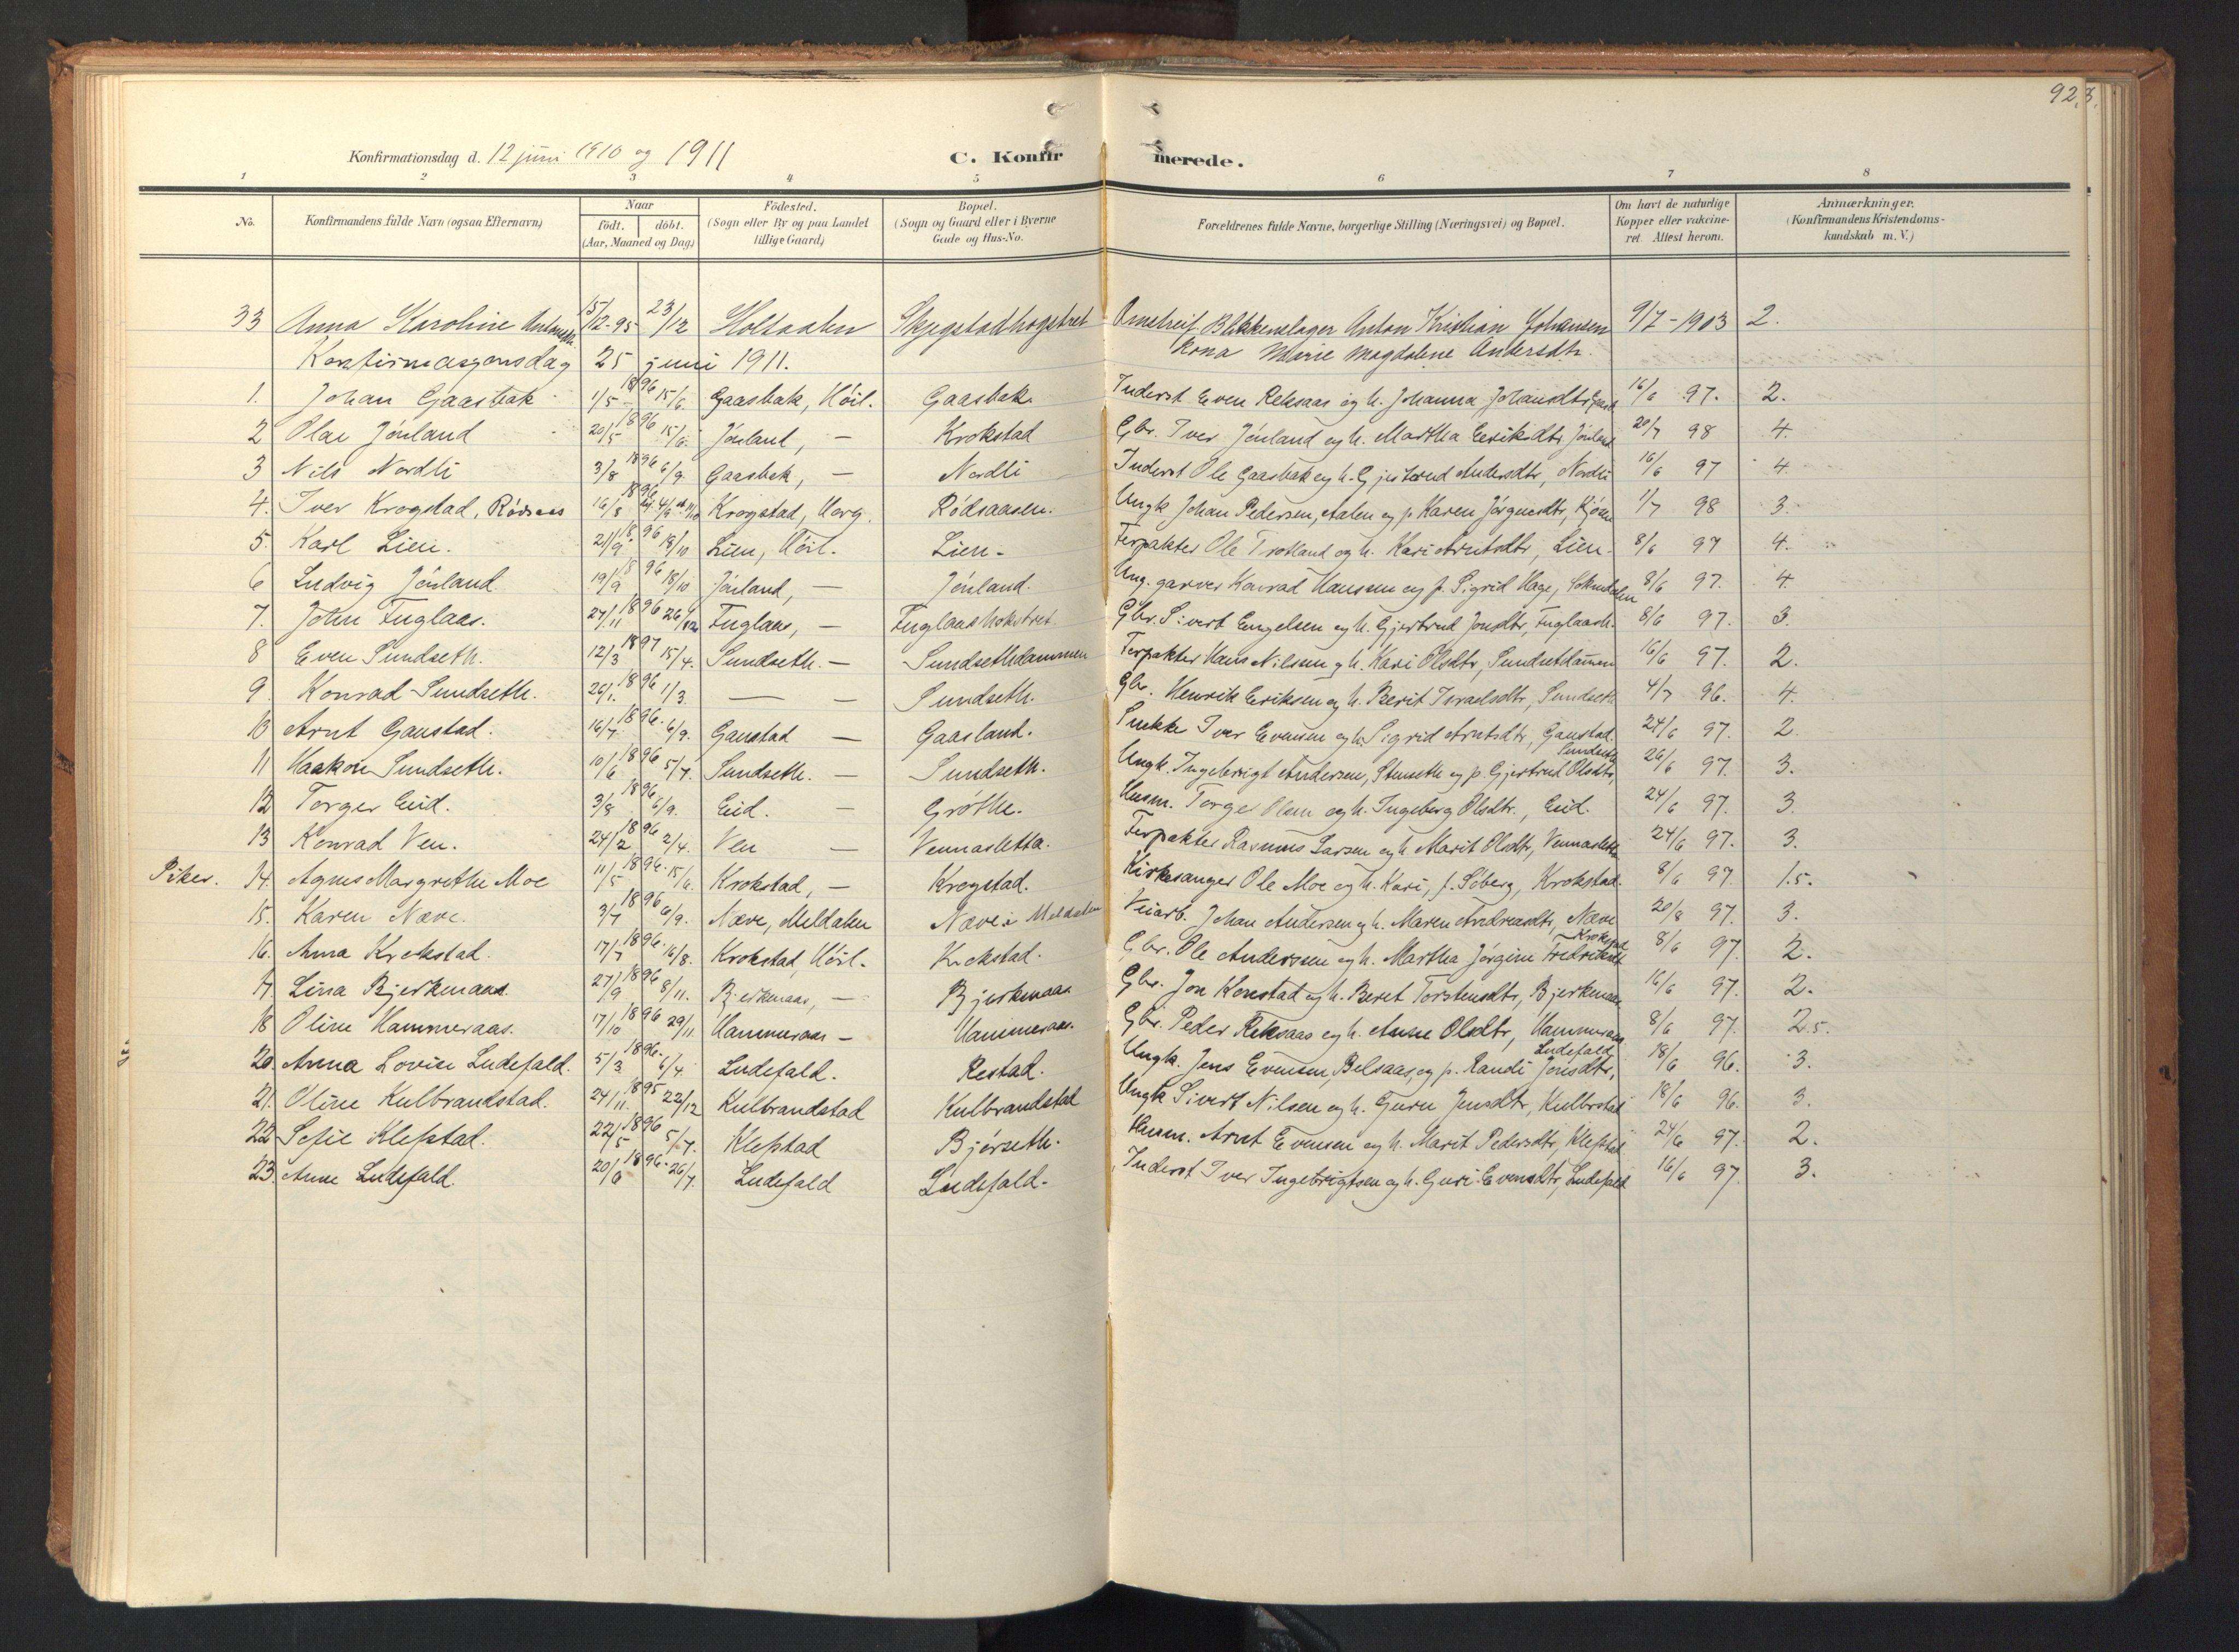 SAT, Ministerialprotokoller, klokkerbøker og fødselsregistre - Sør-Trøndelag, 694/L1128: Ministerialbok nr. 694A02, 1906-1931, s. 92